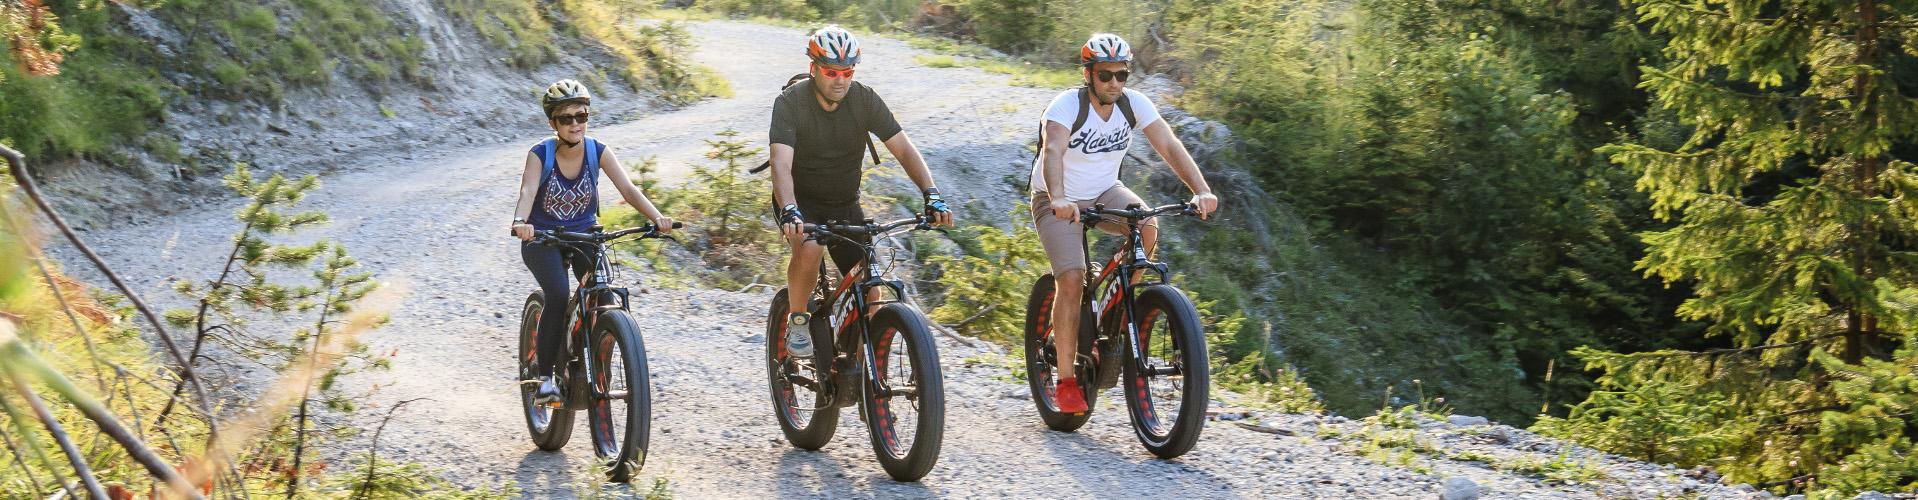 Mountainbiken im Mariazeller Land, © www.mariazell.blog